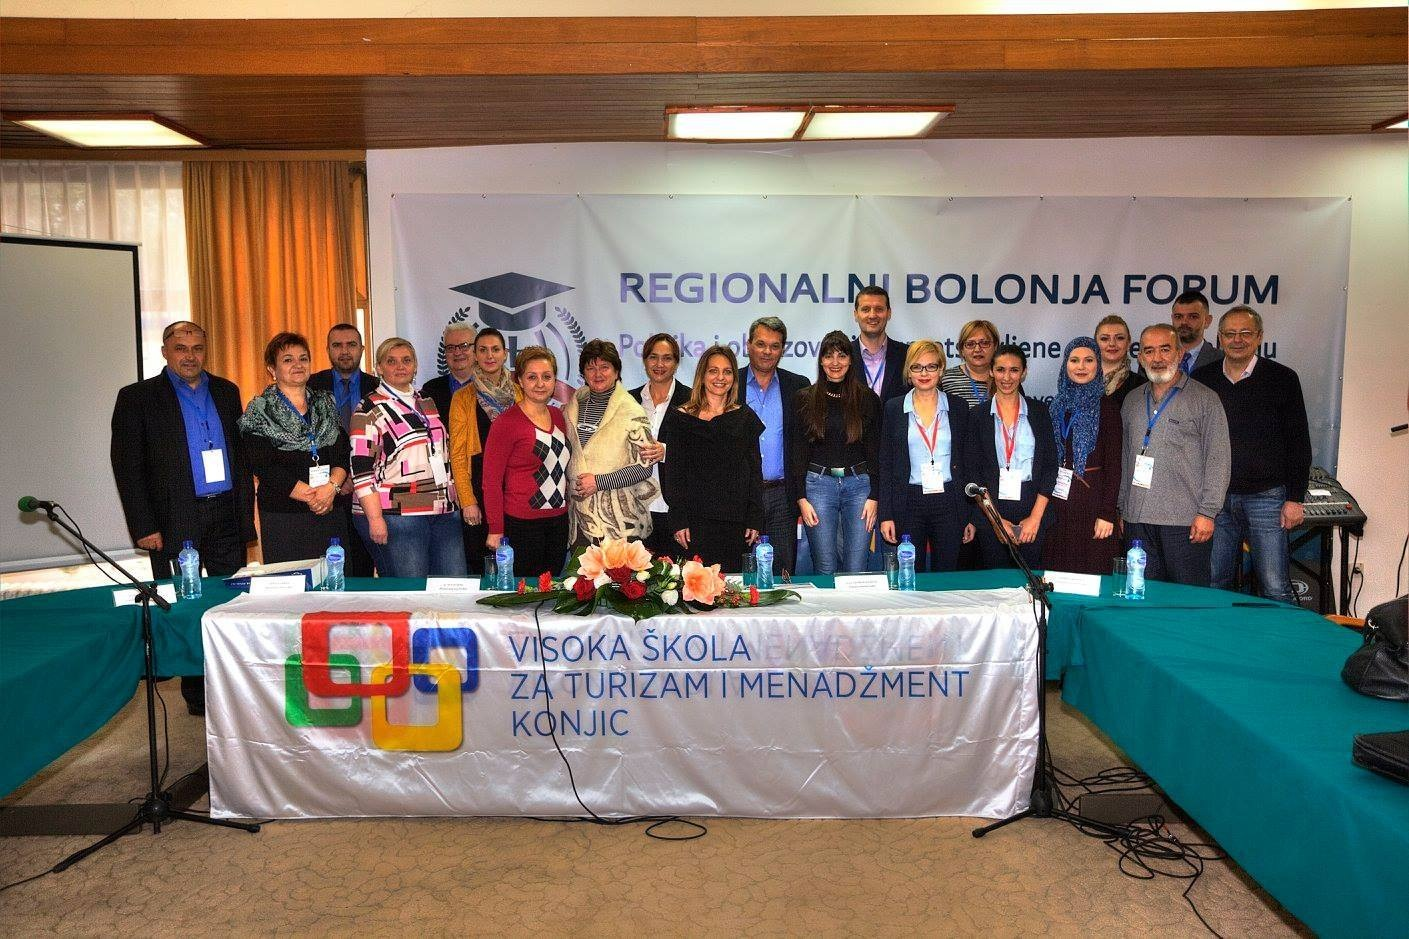 Visoka škola turizma studentima omogućava uspješnu integraciju na tržištu rada